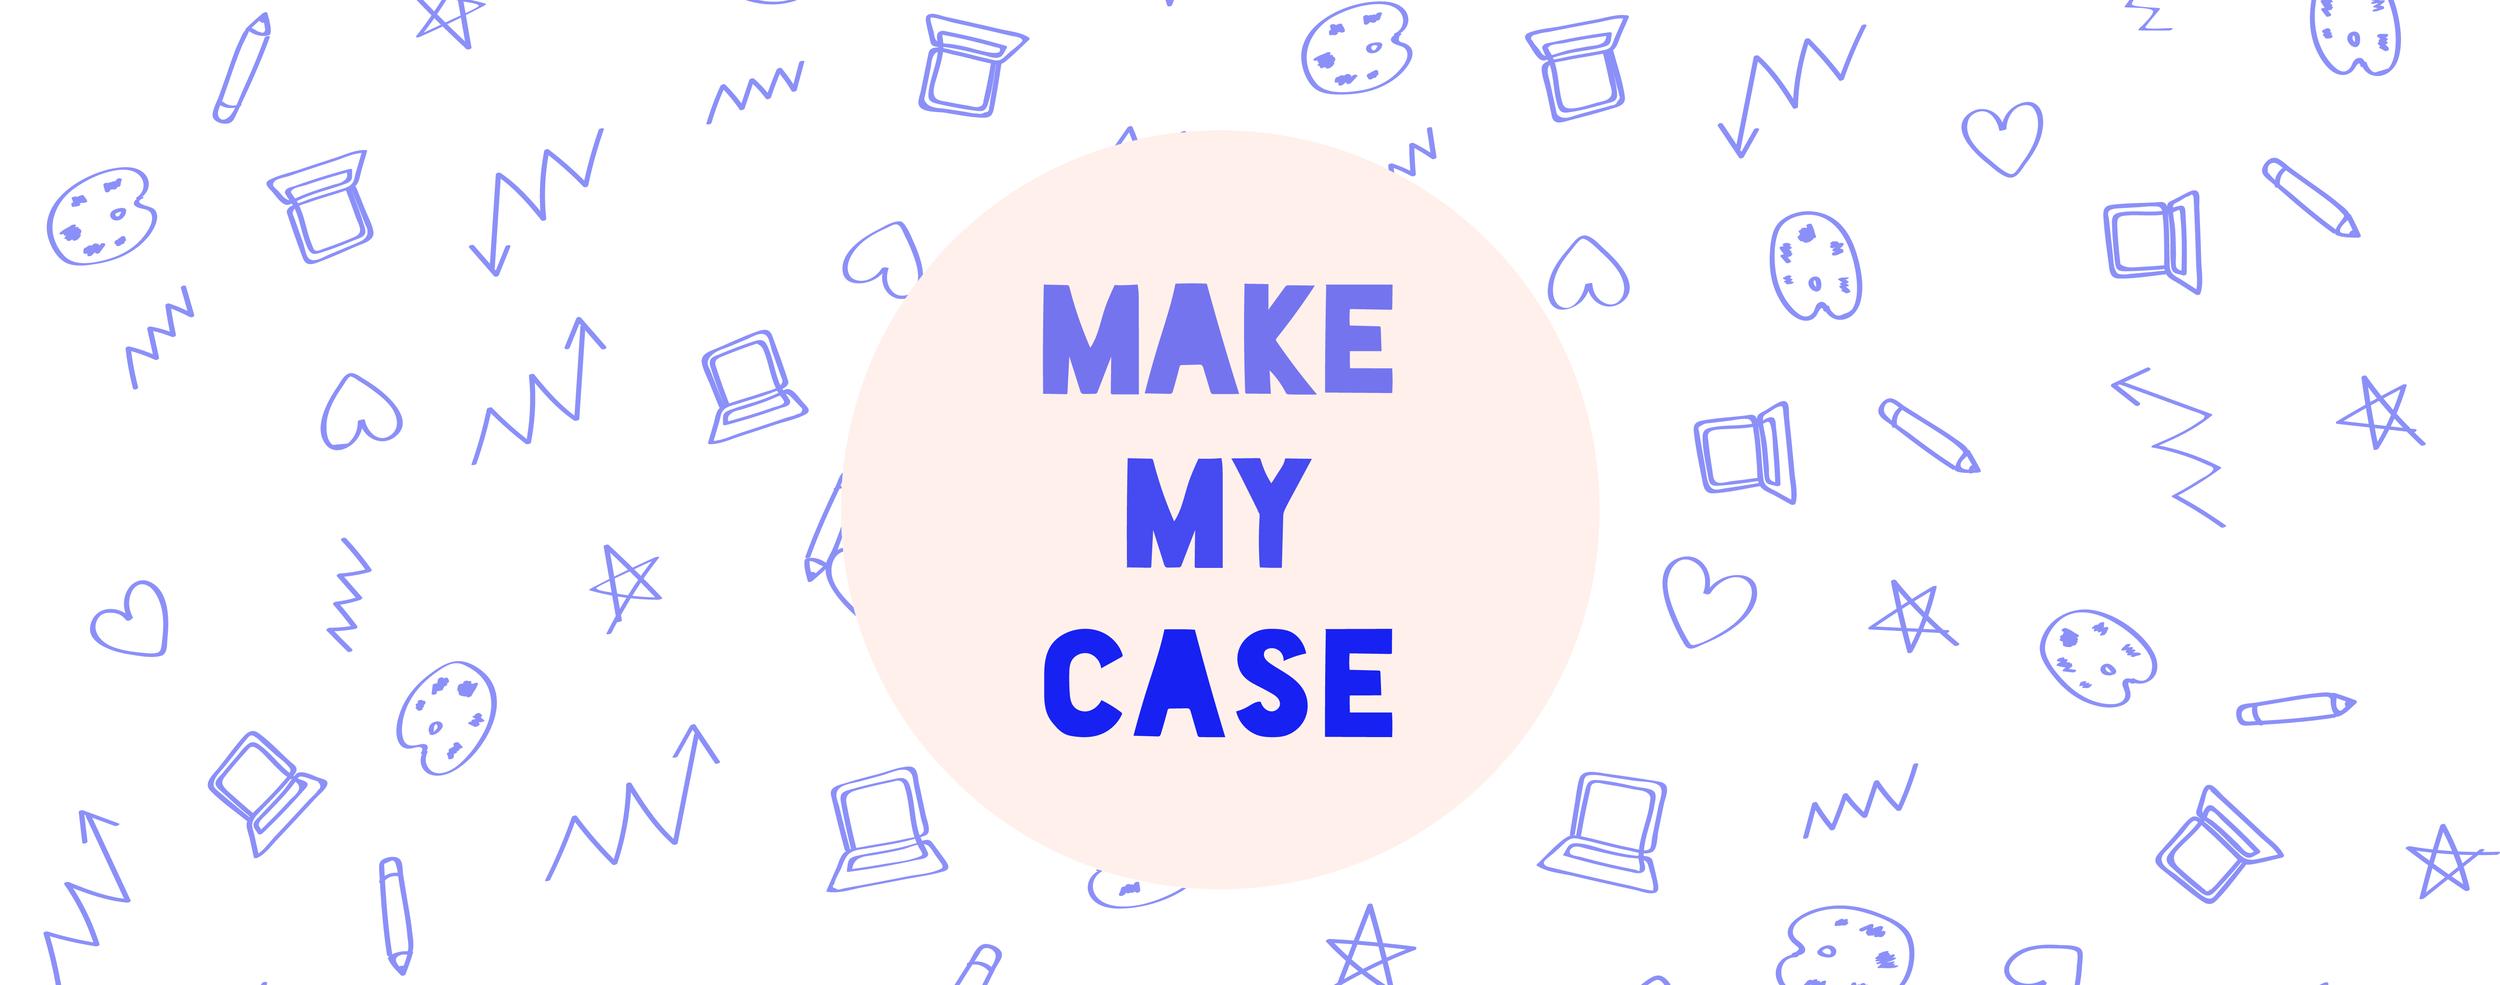 Make-my-case-logo.png